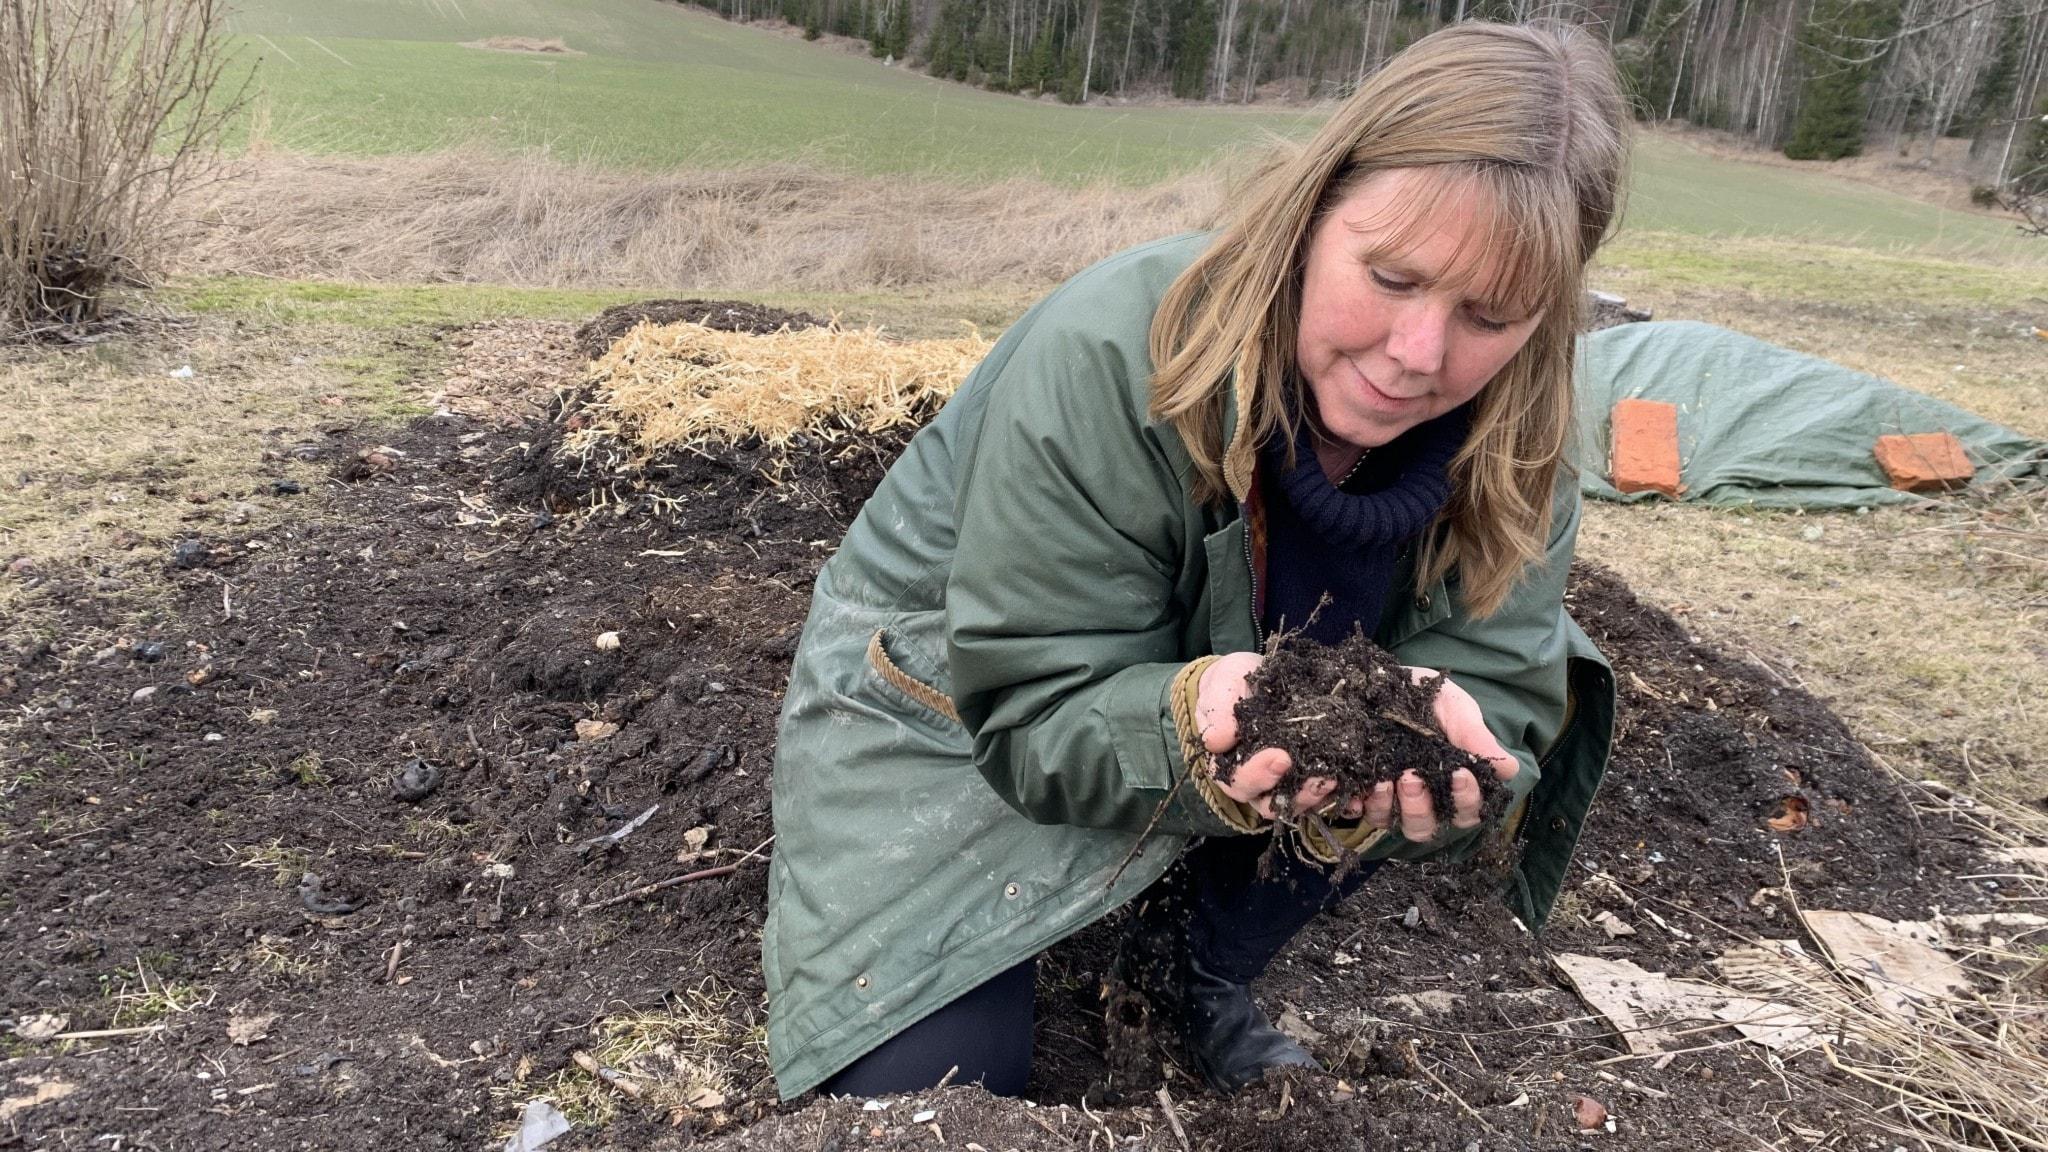 En kvinna sitter på huk och lyfter upp lucker jord i ett trädgårdsland med halm och presenning i bakgrunden